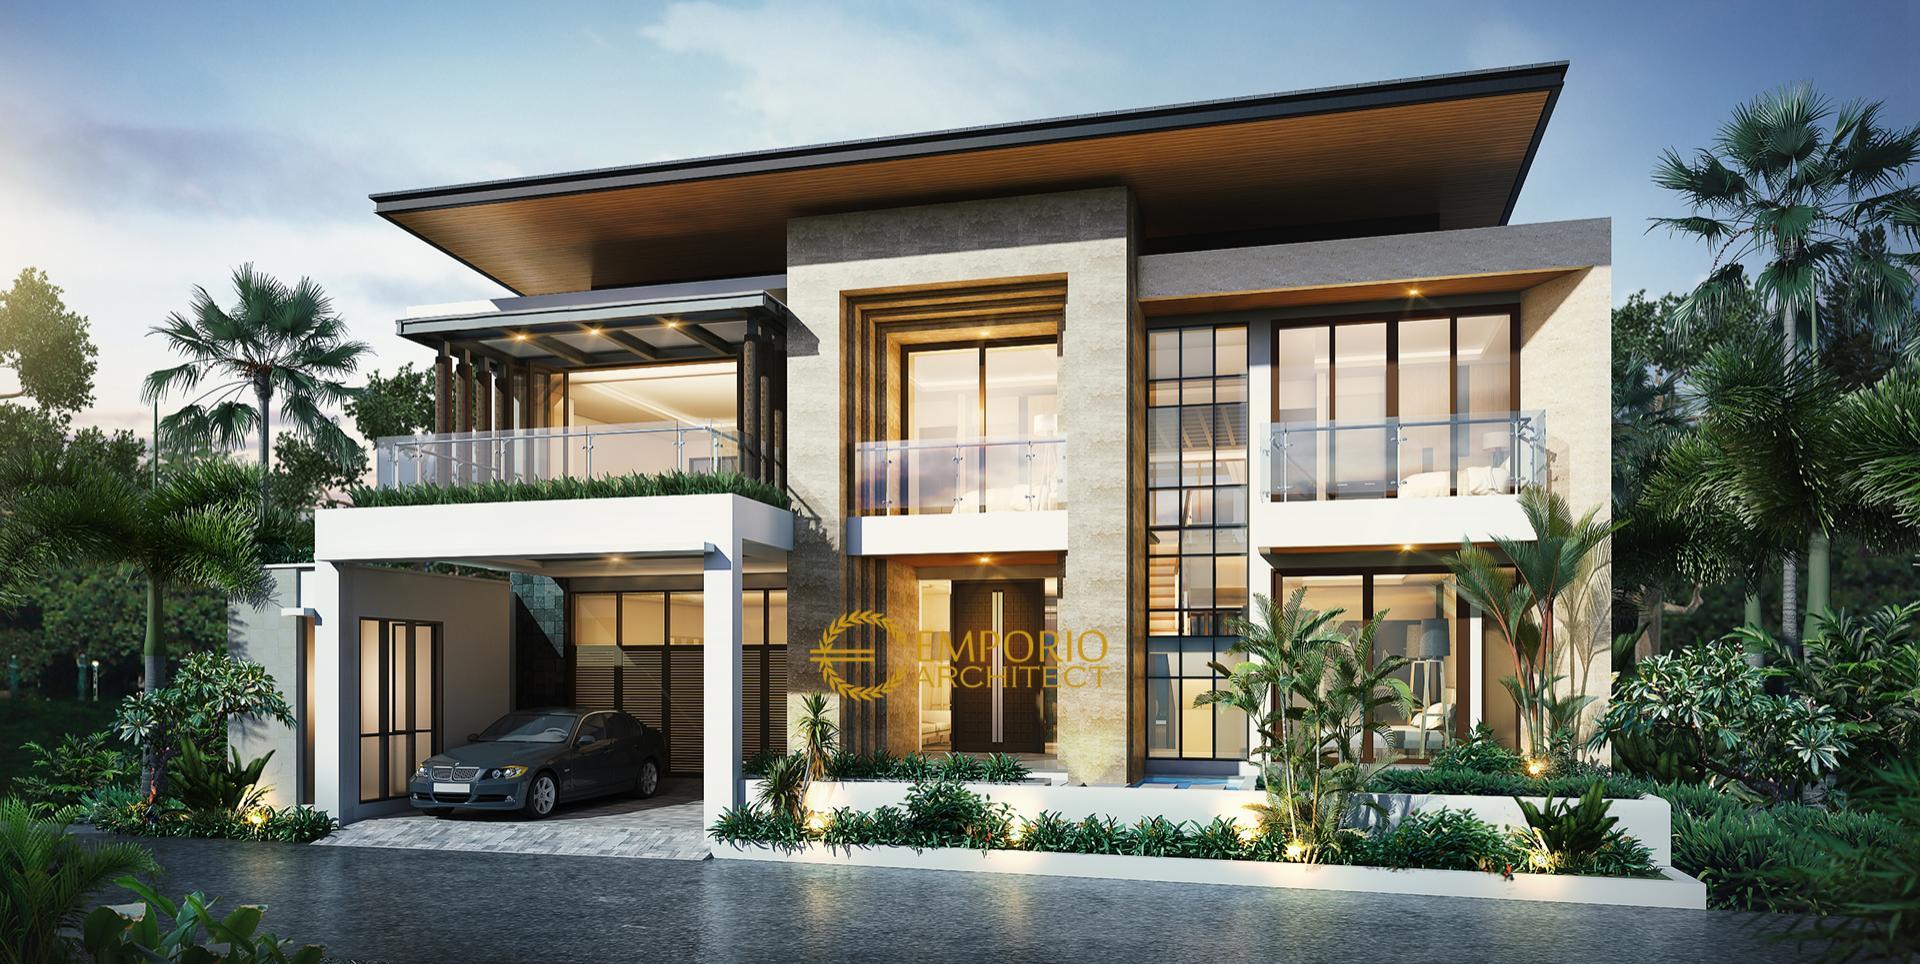 Mr. Ahdianto Modern House 2 Floors Design - Jakarta